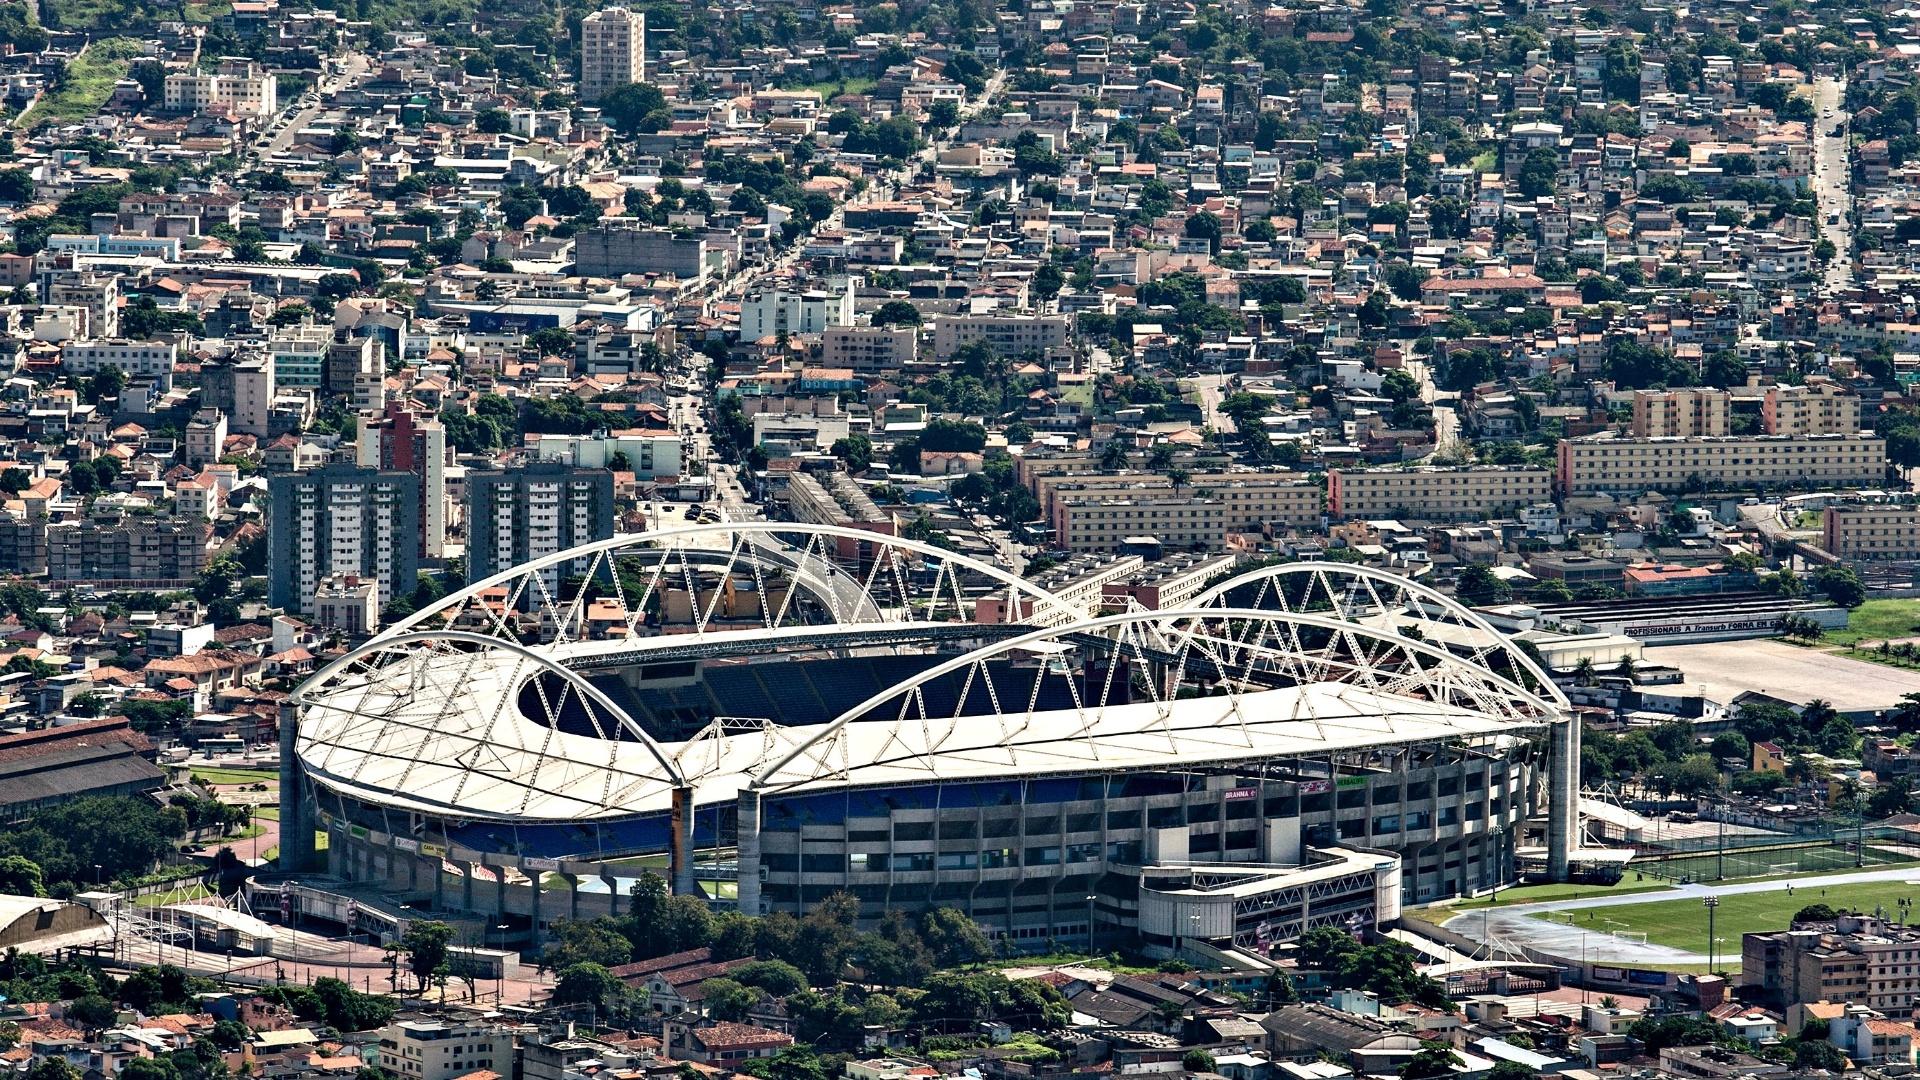 Vista panorâmica do Estádio Olímpico João Havelange